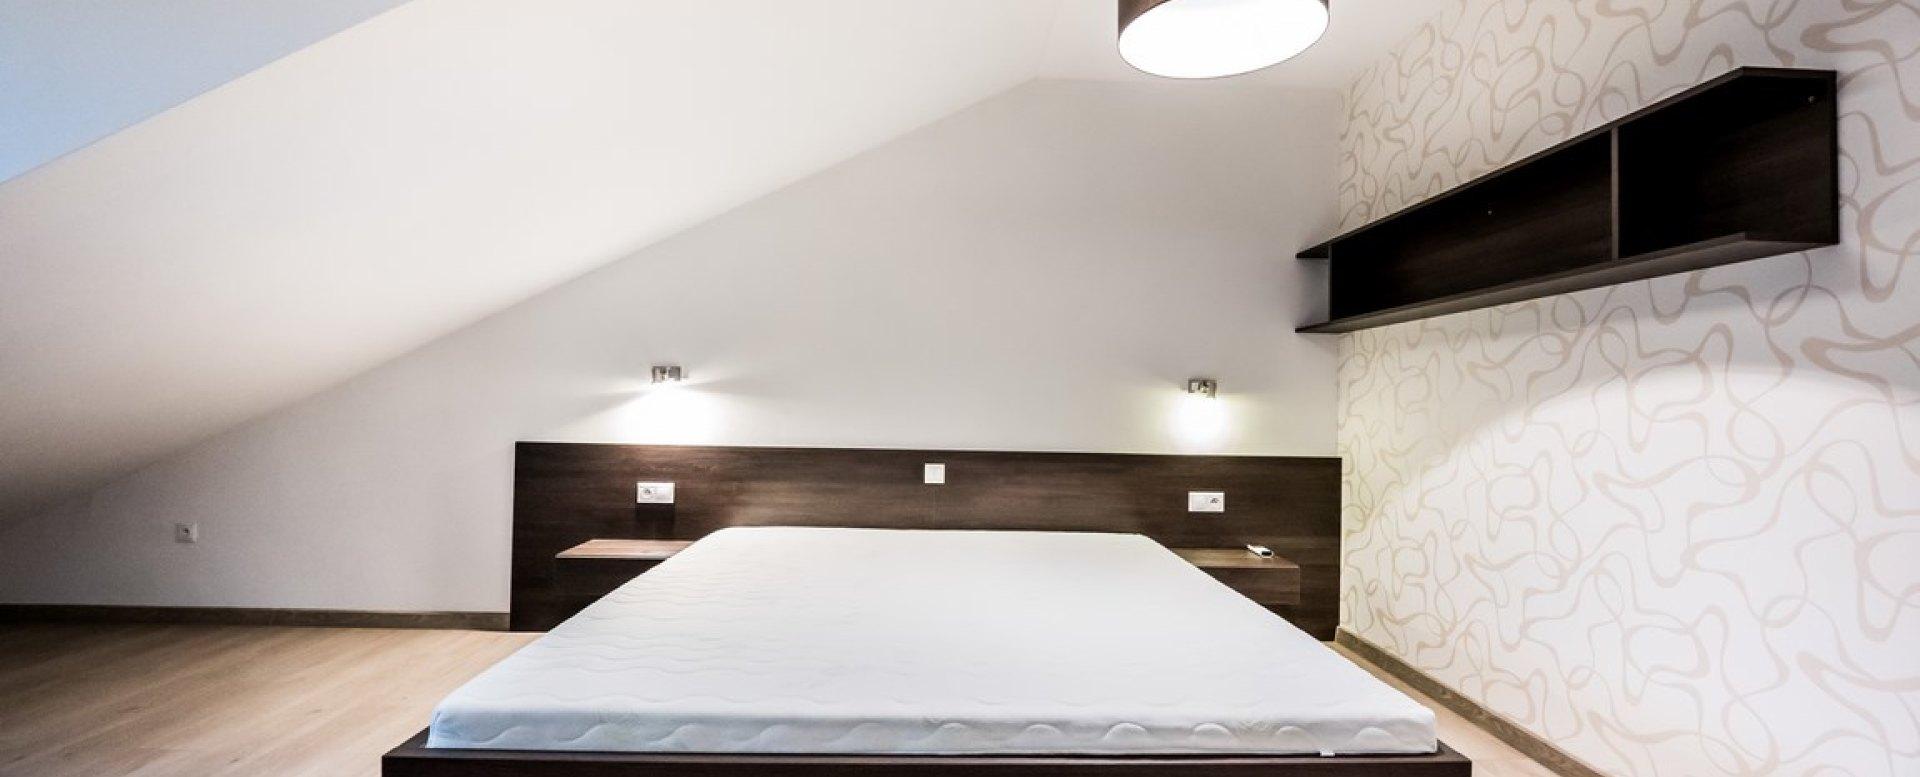 Moderná a pohodlná manželská posteľ v 3-izbovom byte na Botovej v Žiline